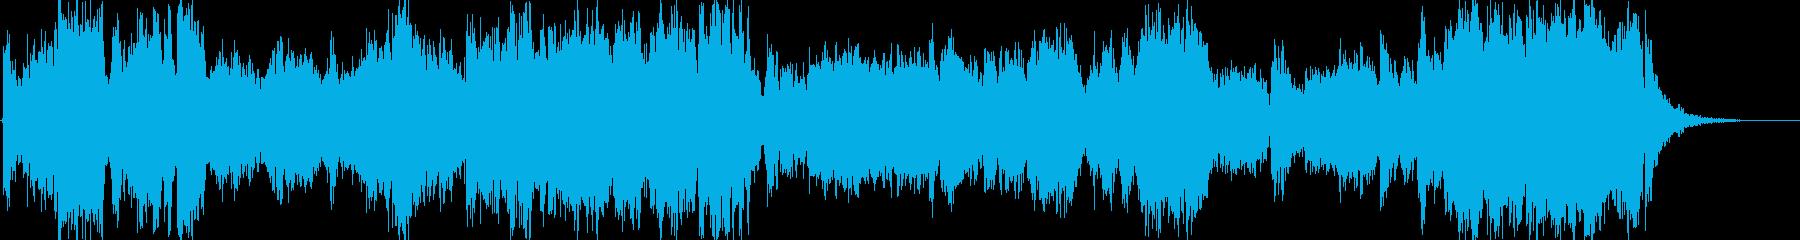 オーケストラ風の勇壮なファンファーレの再生済みの波形